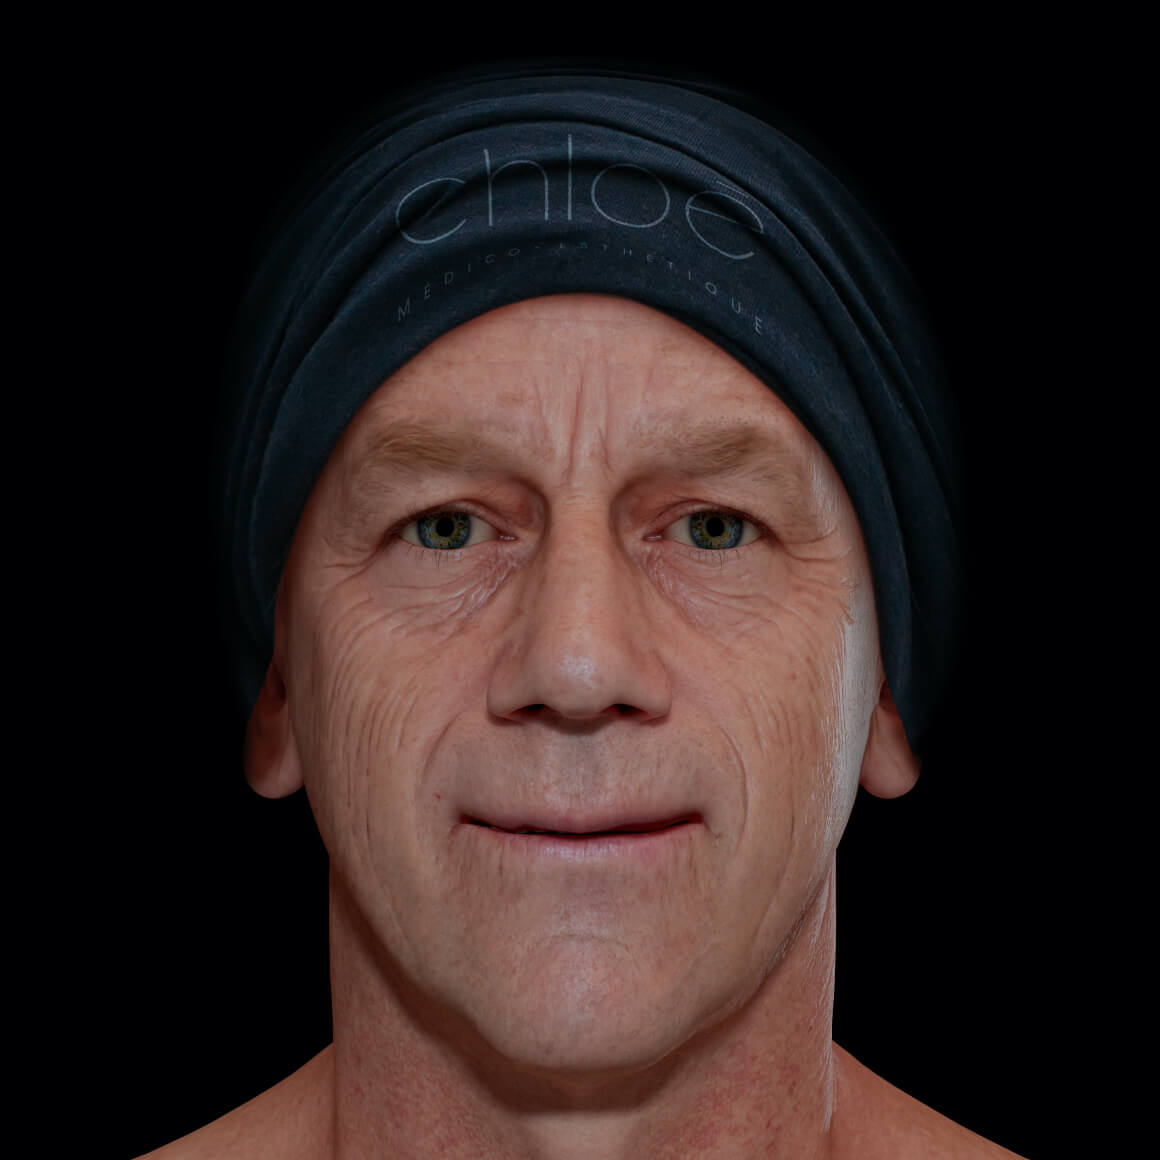 Patient de la Clinique Chloé positionné de face aux prises avec des rides et ridules au niveau du visage